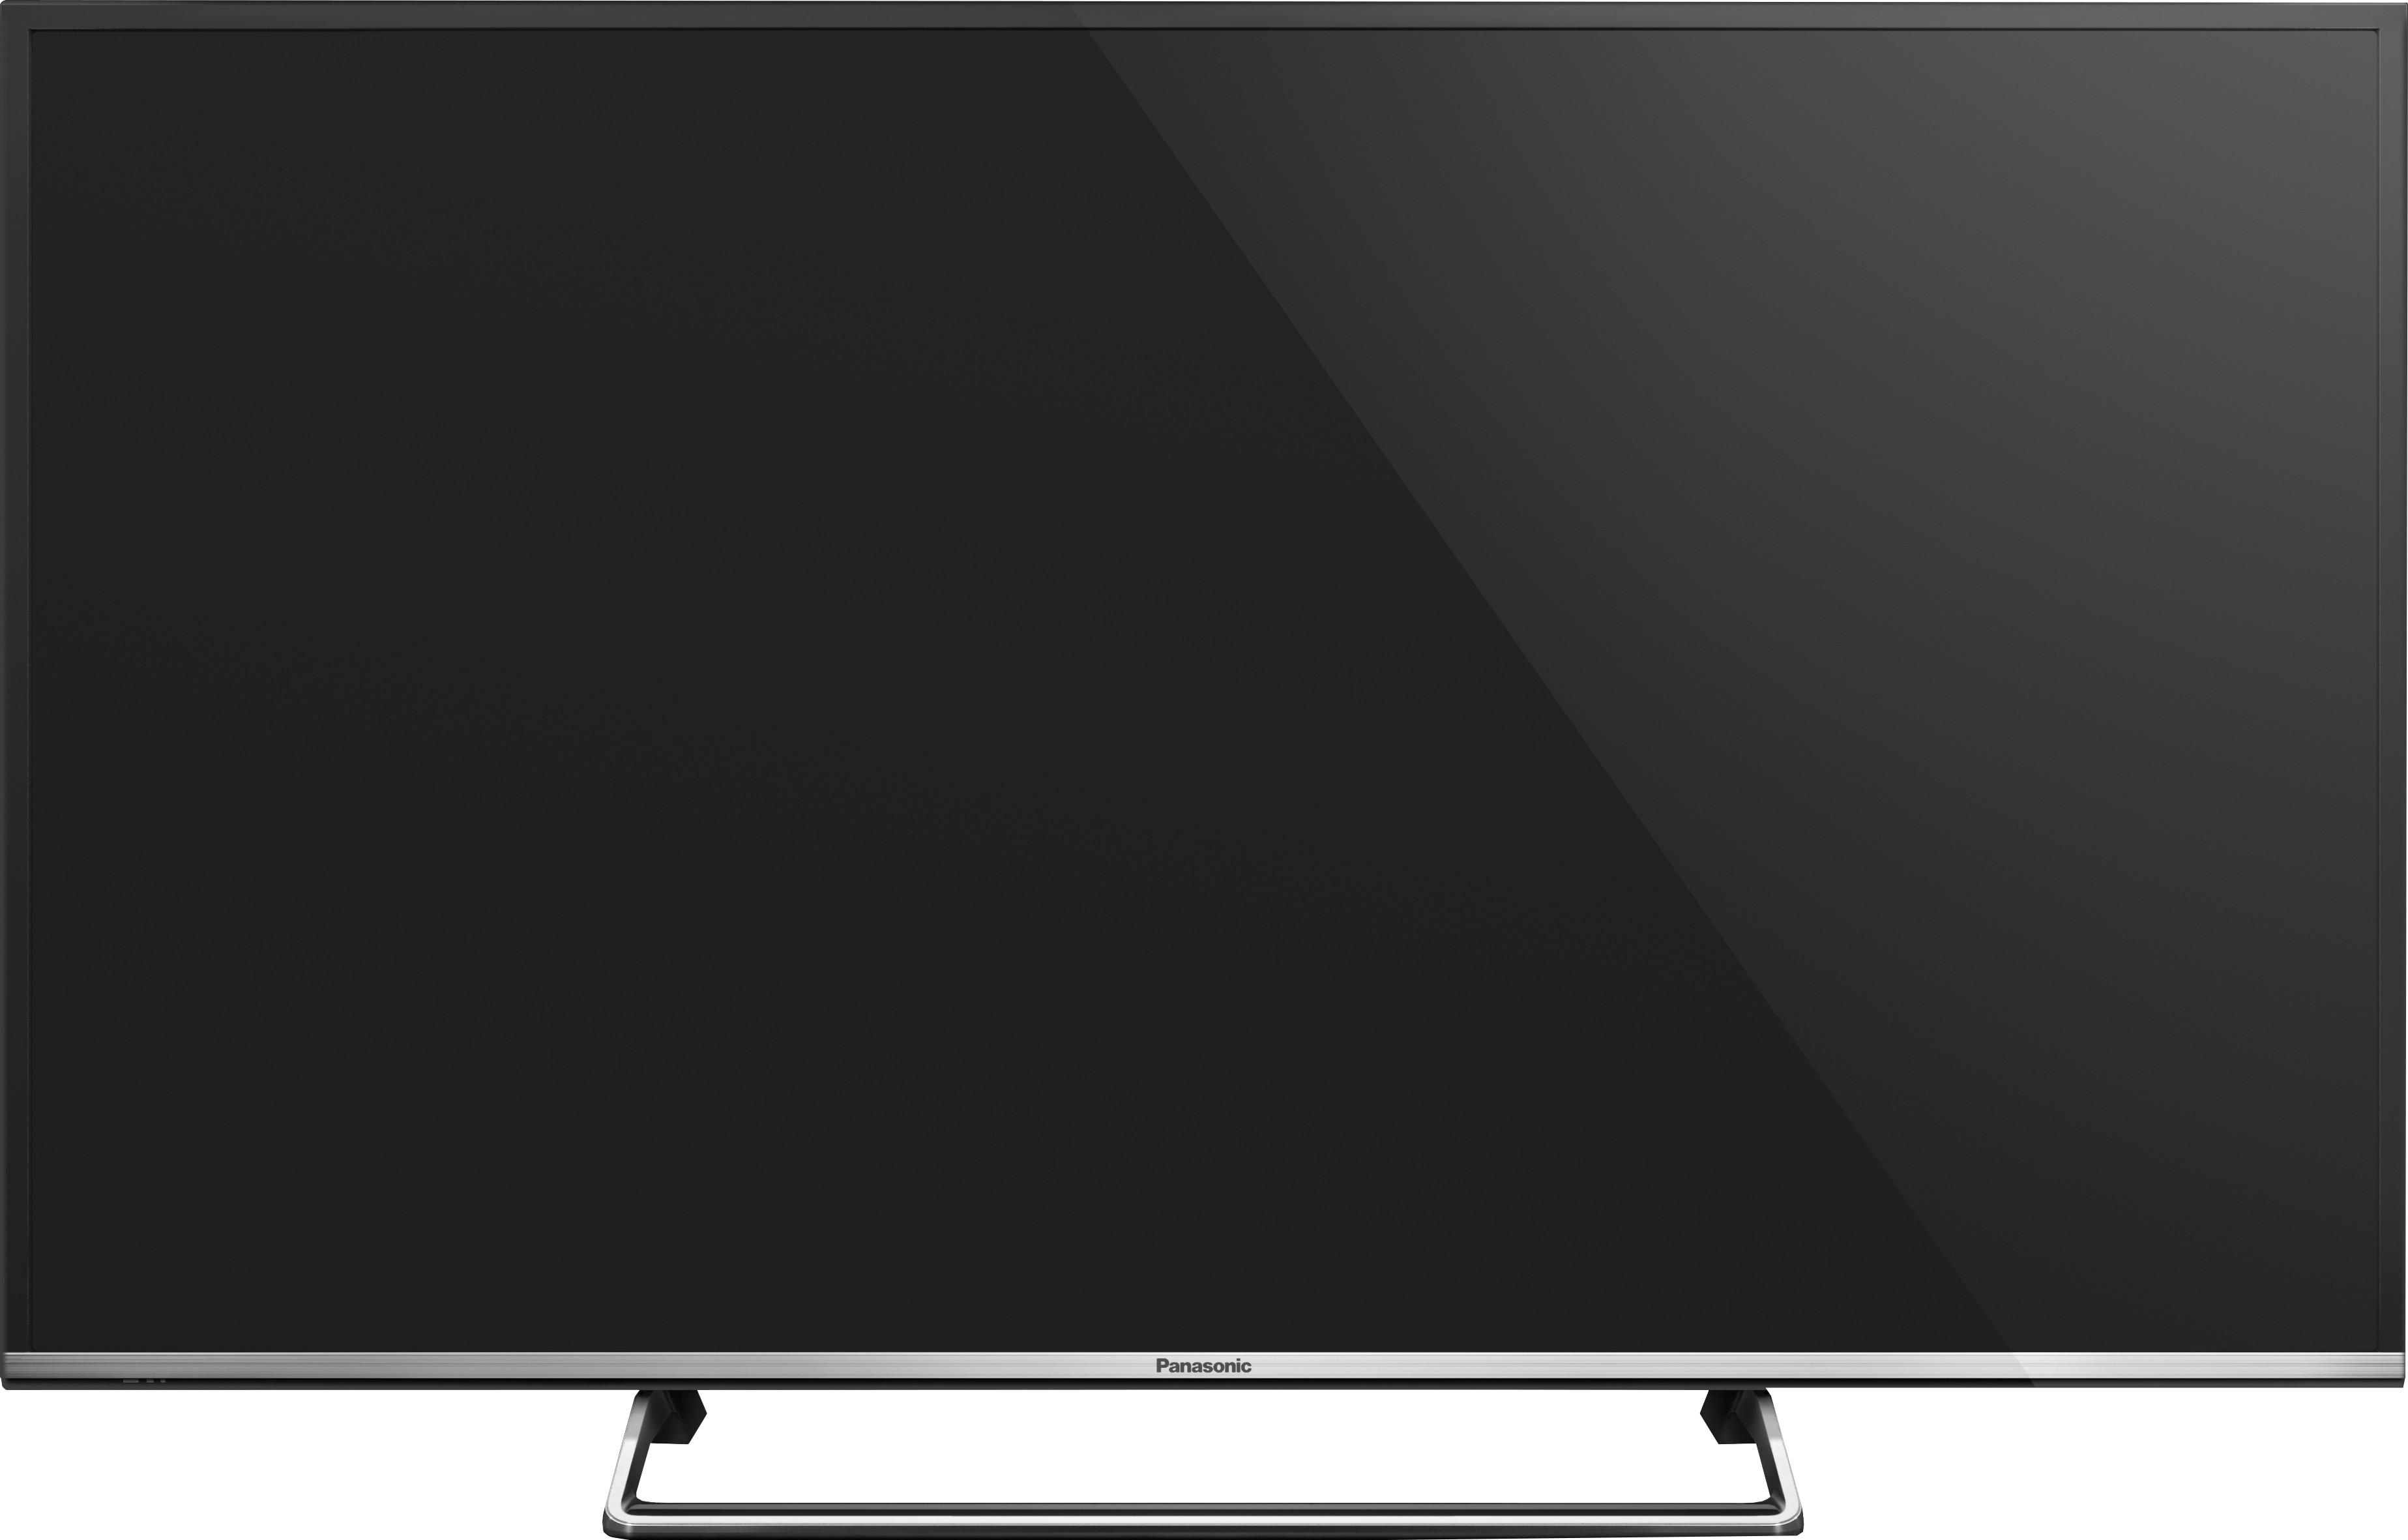 panasonic tv 49. panasonic 124.46cm (49) full hd smart led tv(th-49cs580d, tv 49 o